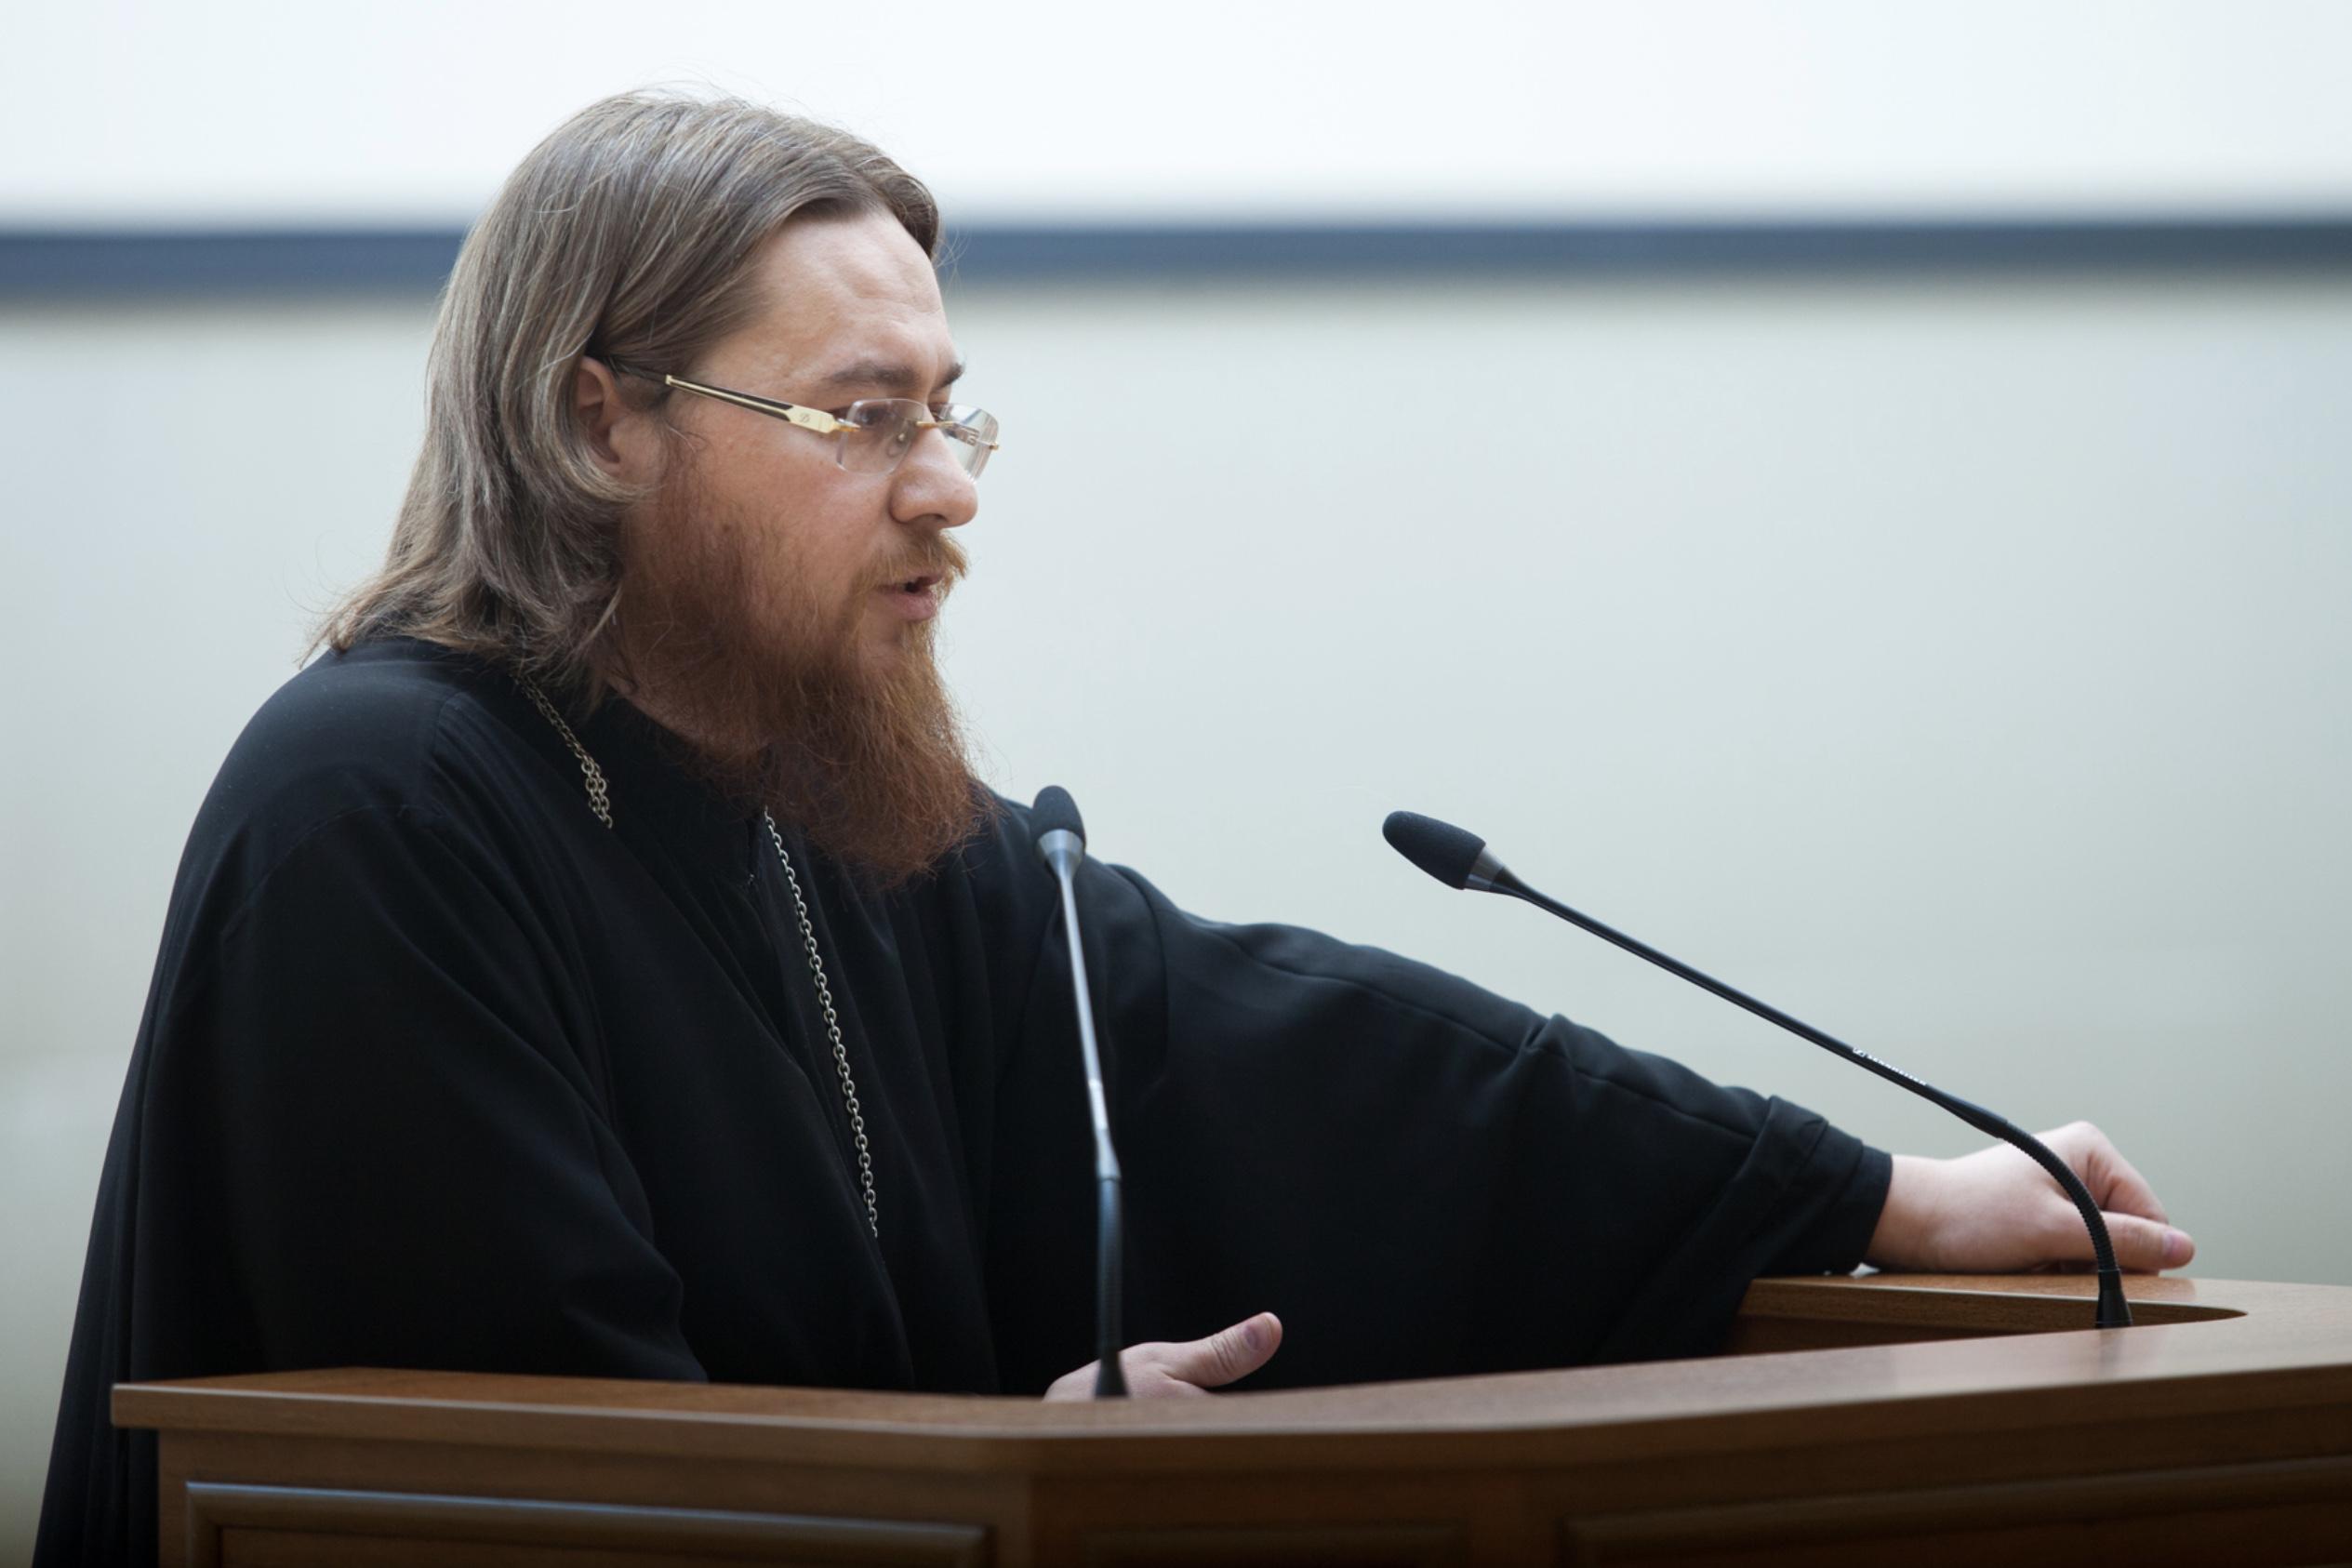 Доклад свящ. Павла Ермилова: «Украинская автокефалия как начало реформы регионального уровня церковной структуры»